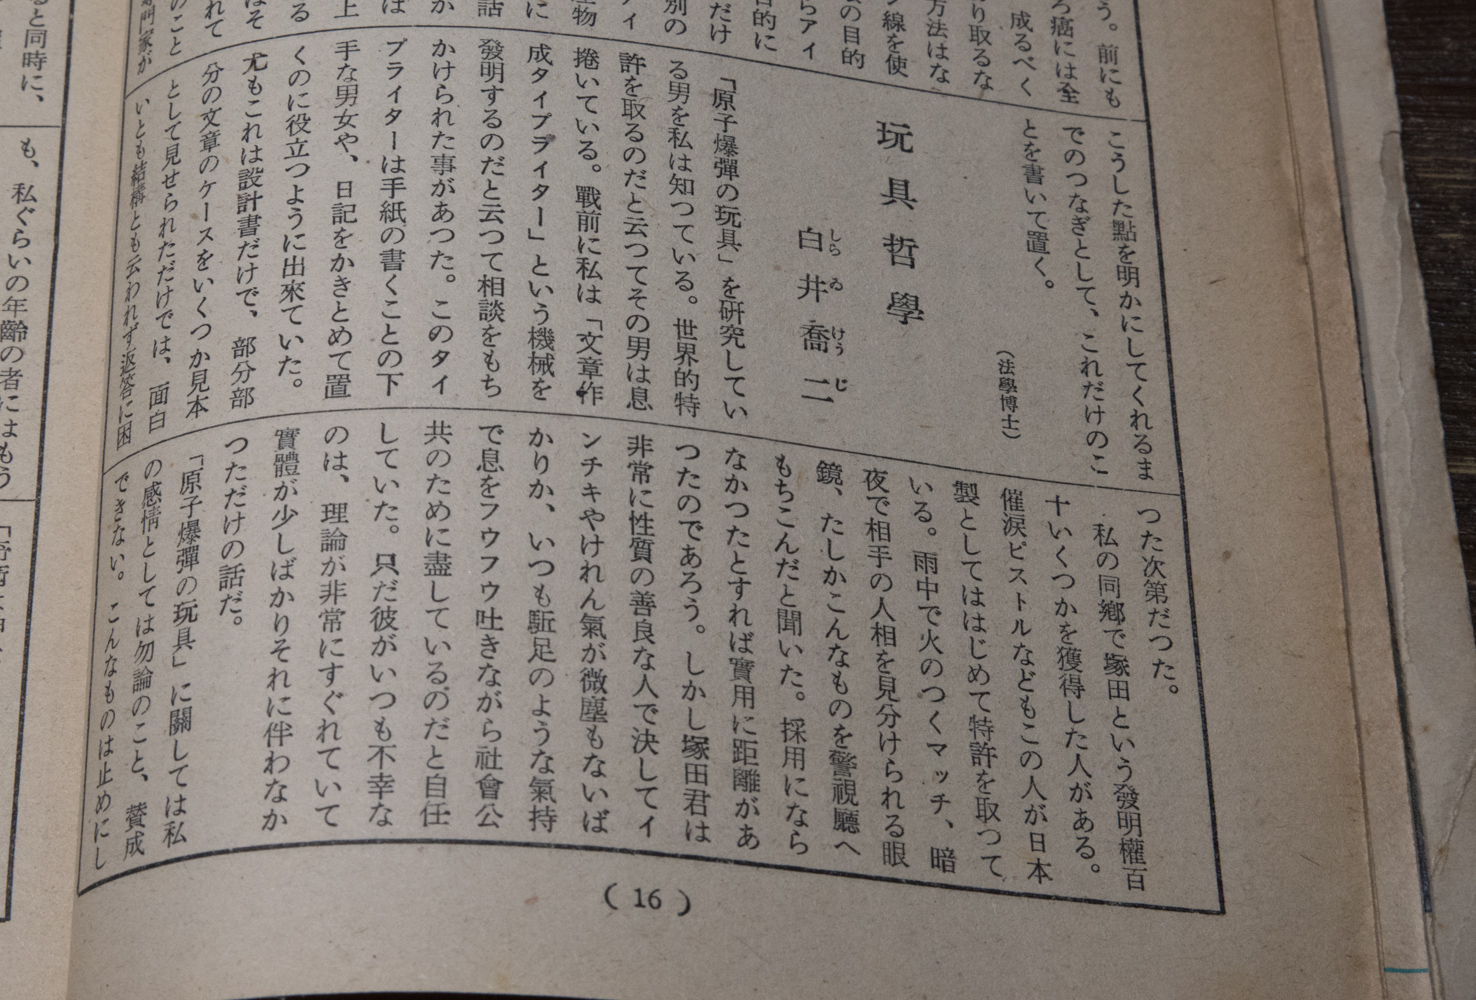 白井喬二の「玩具哲学」(エッセイ)